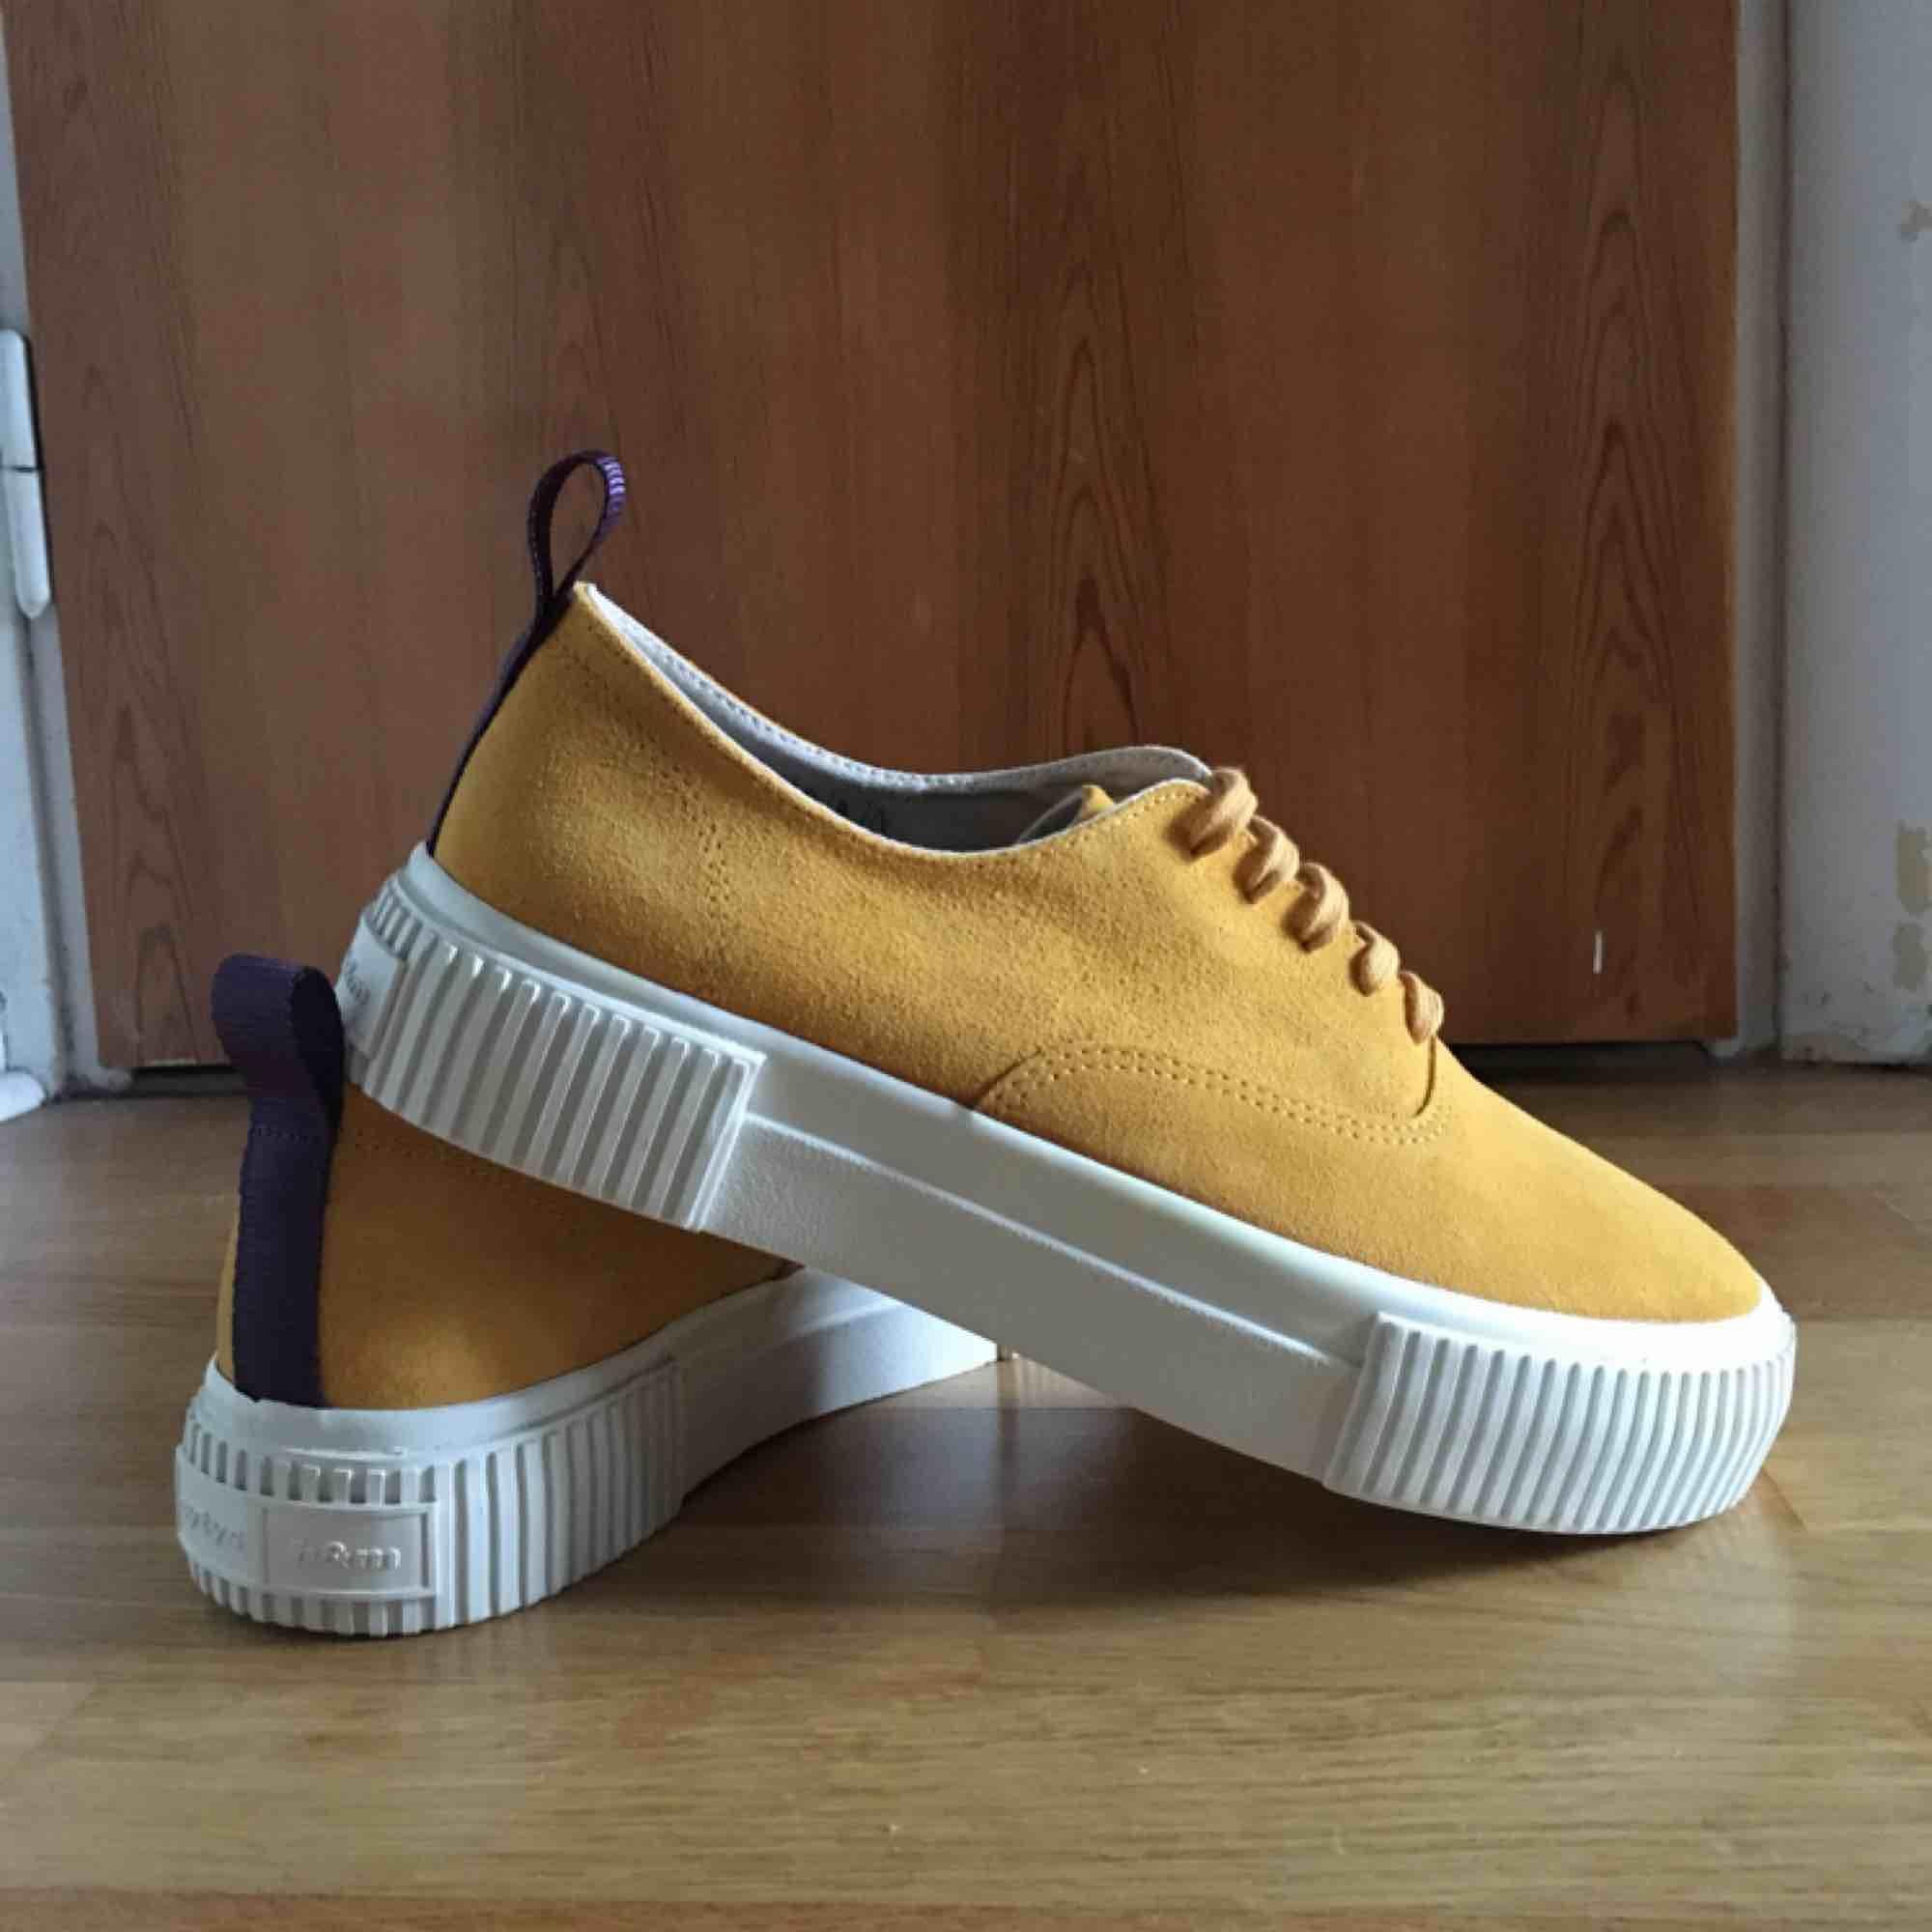 40cb18e6b9a Nya oanvända, supersnygga sneakers från H&M Eytys samarbete i storlek 41.